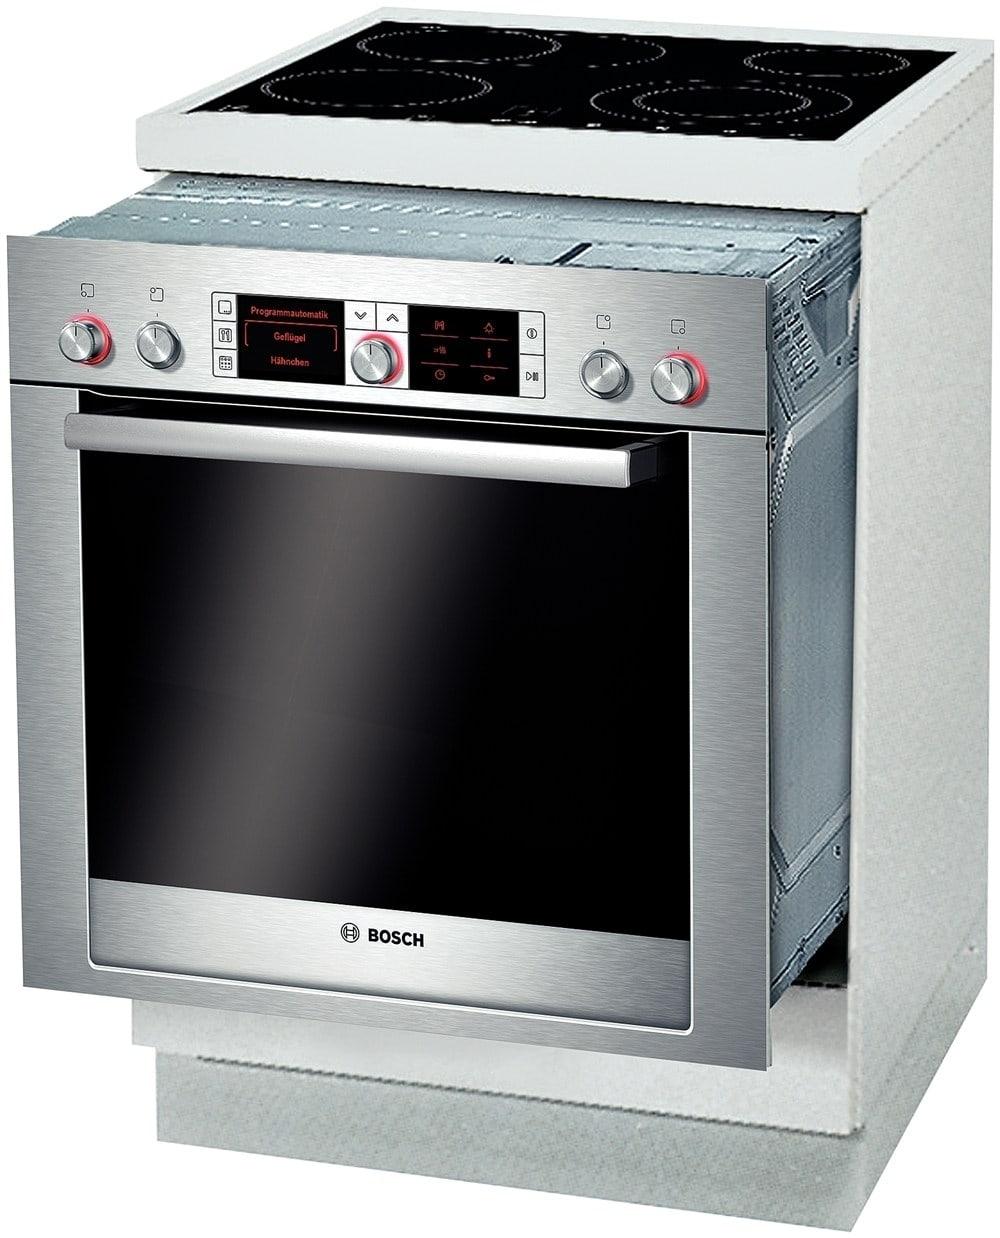 Bosch HEZ9020 Umbauschrank für 245,99 Euro